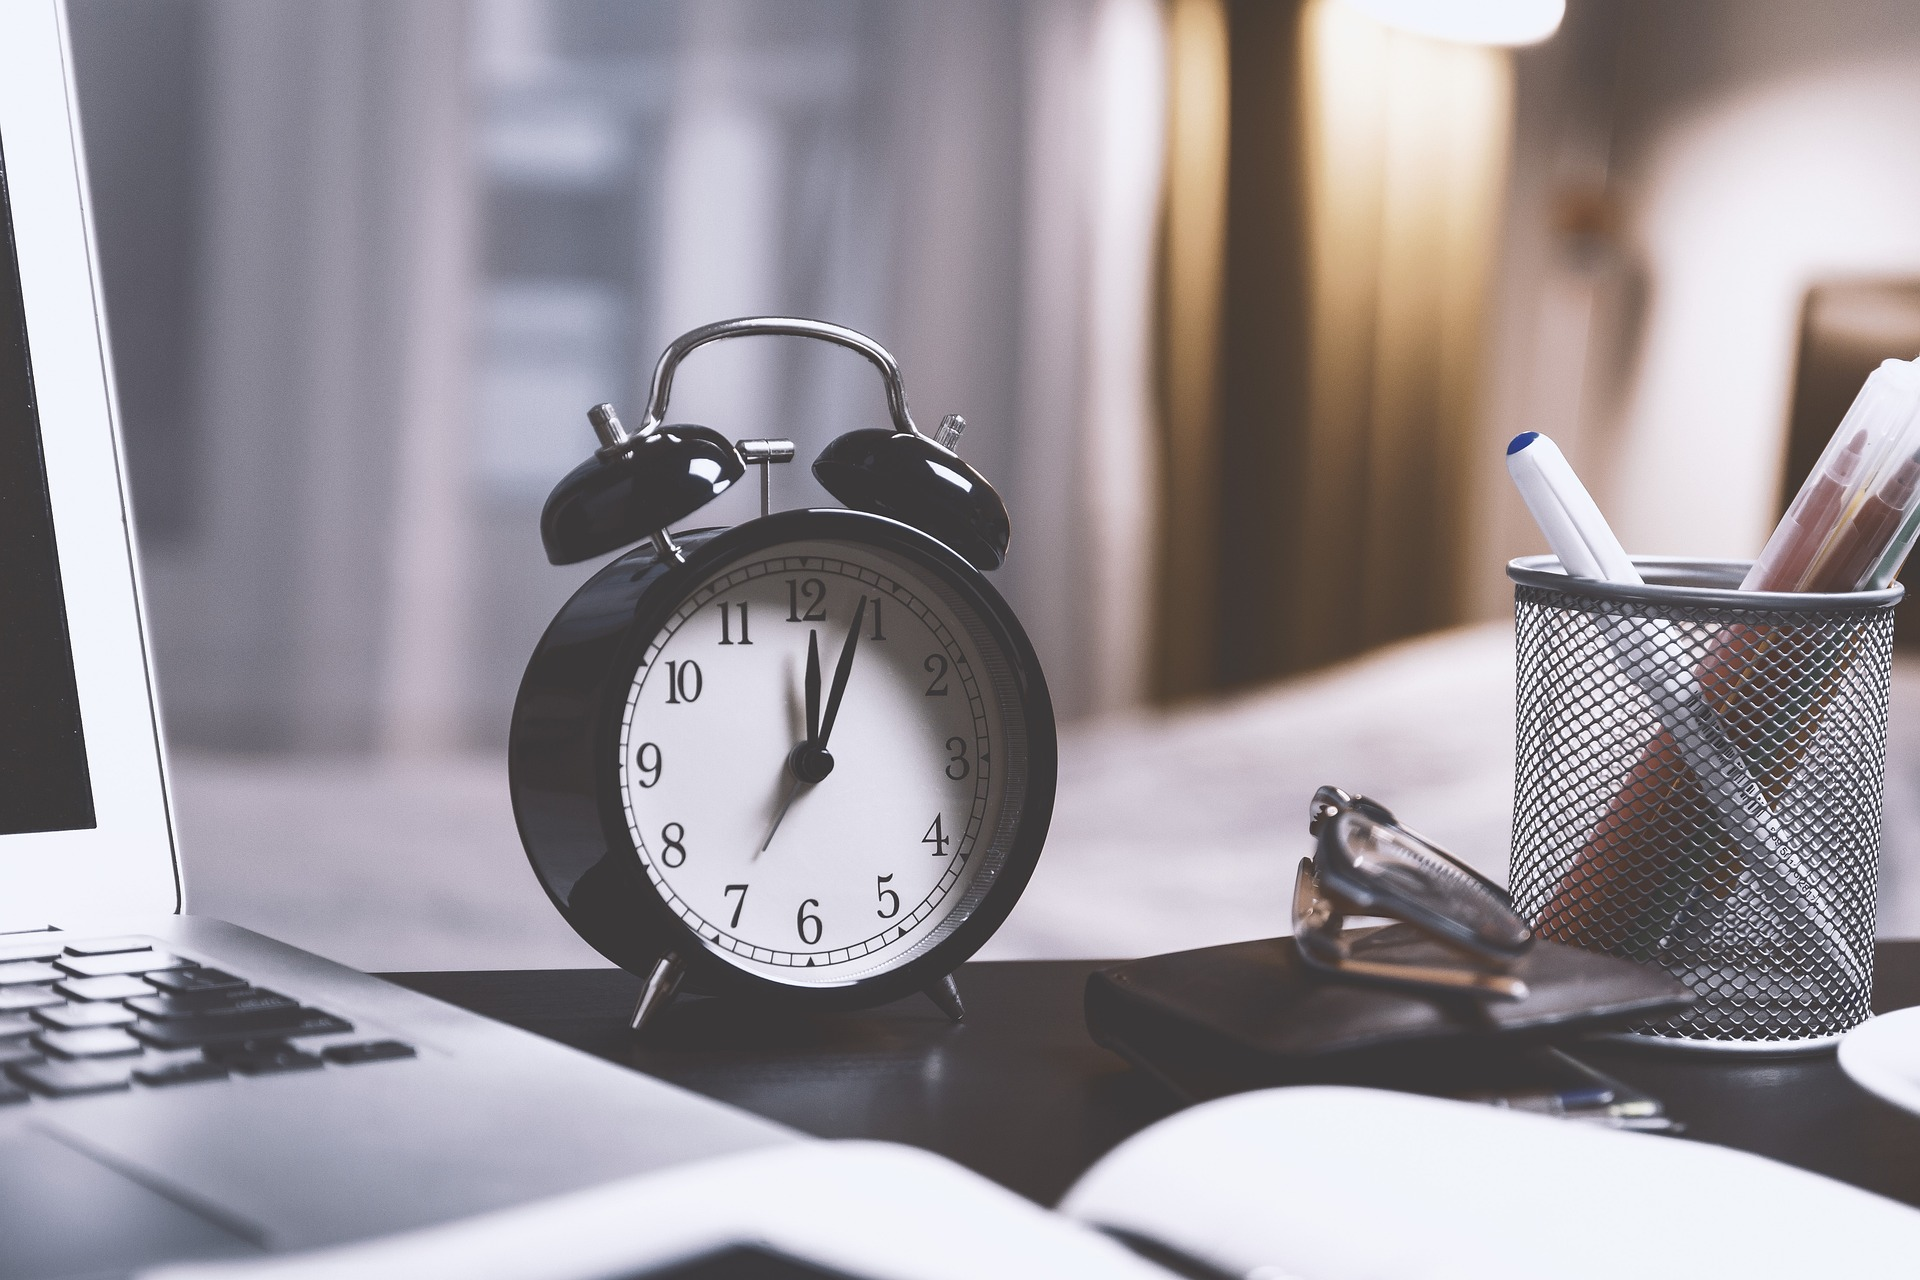 Uhr auf einem Schreibtisch mit Laptop und Notizbuch